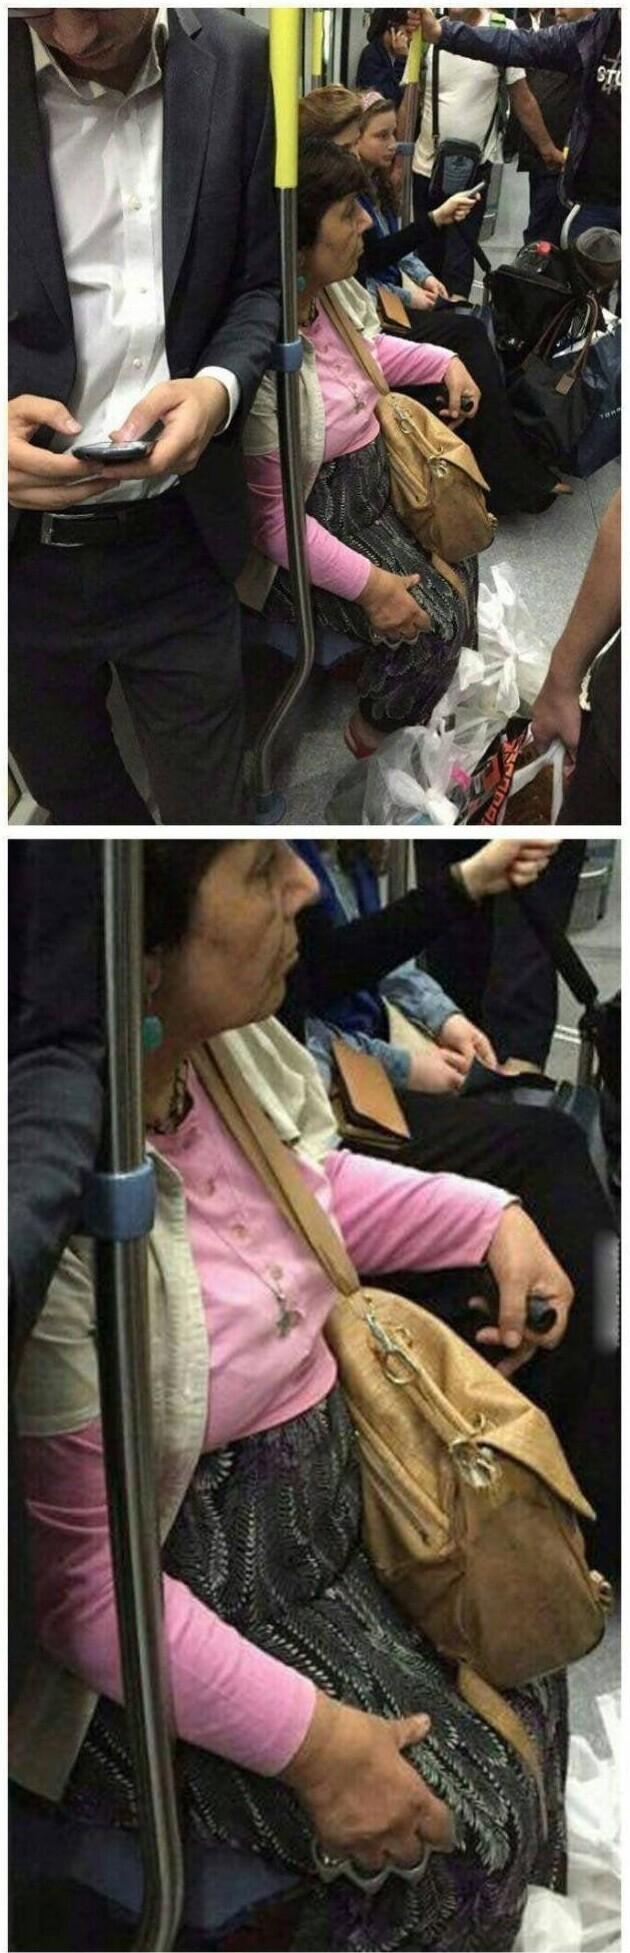 Похоже бабуля едет с разборок